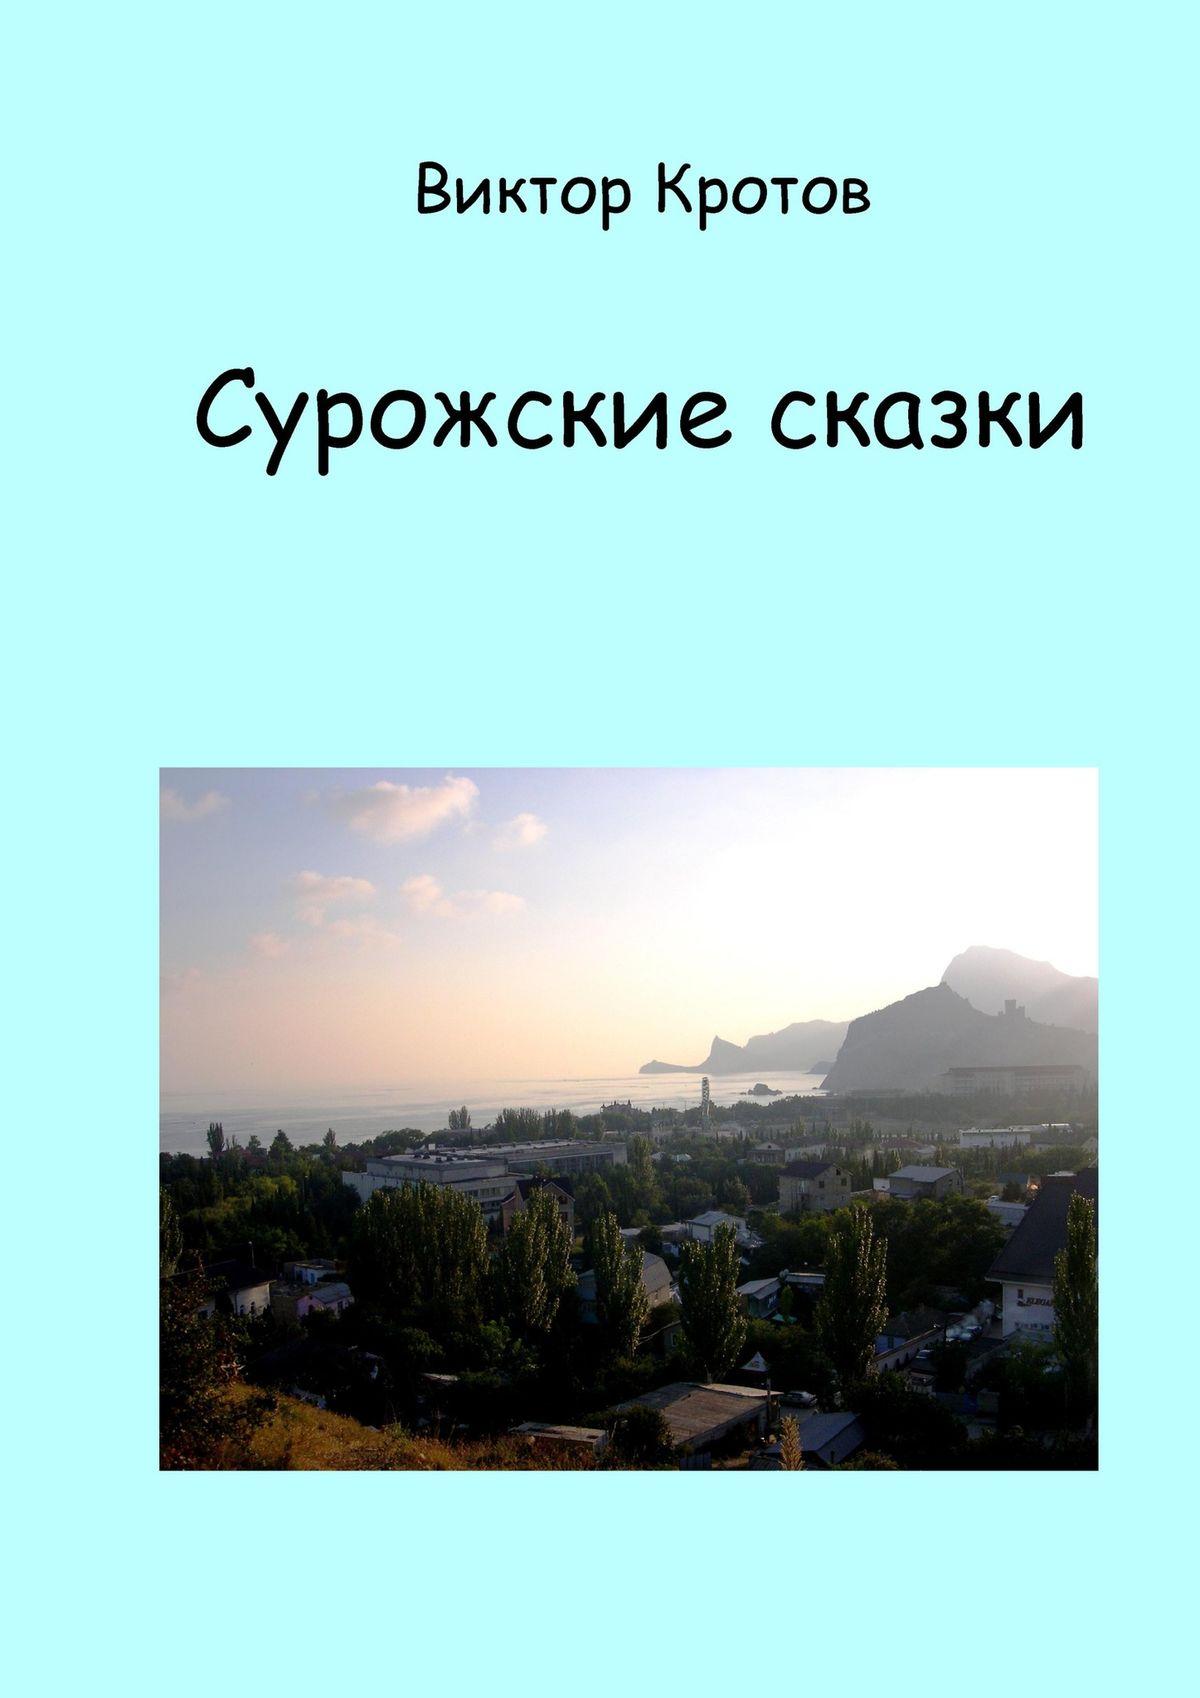 Виктор Гаврилович Кротов Сурожские сказки